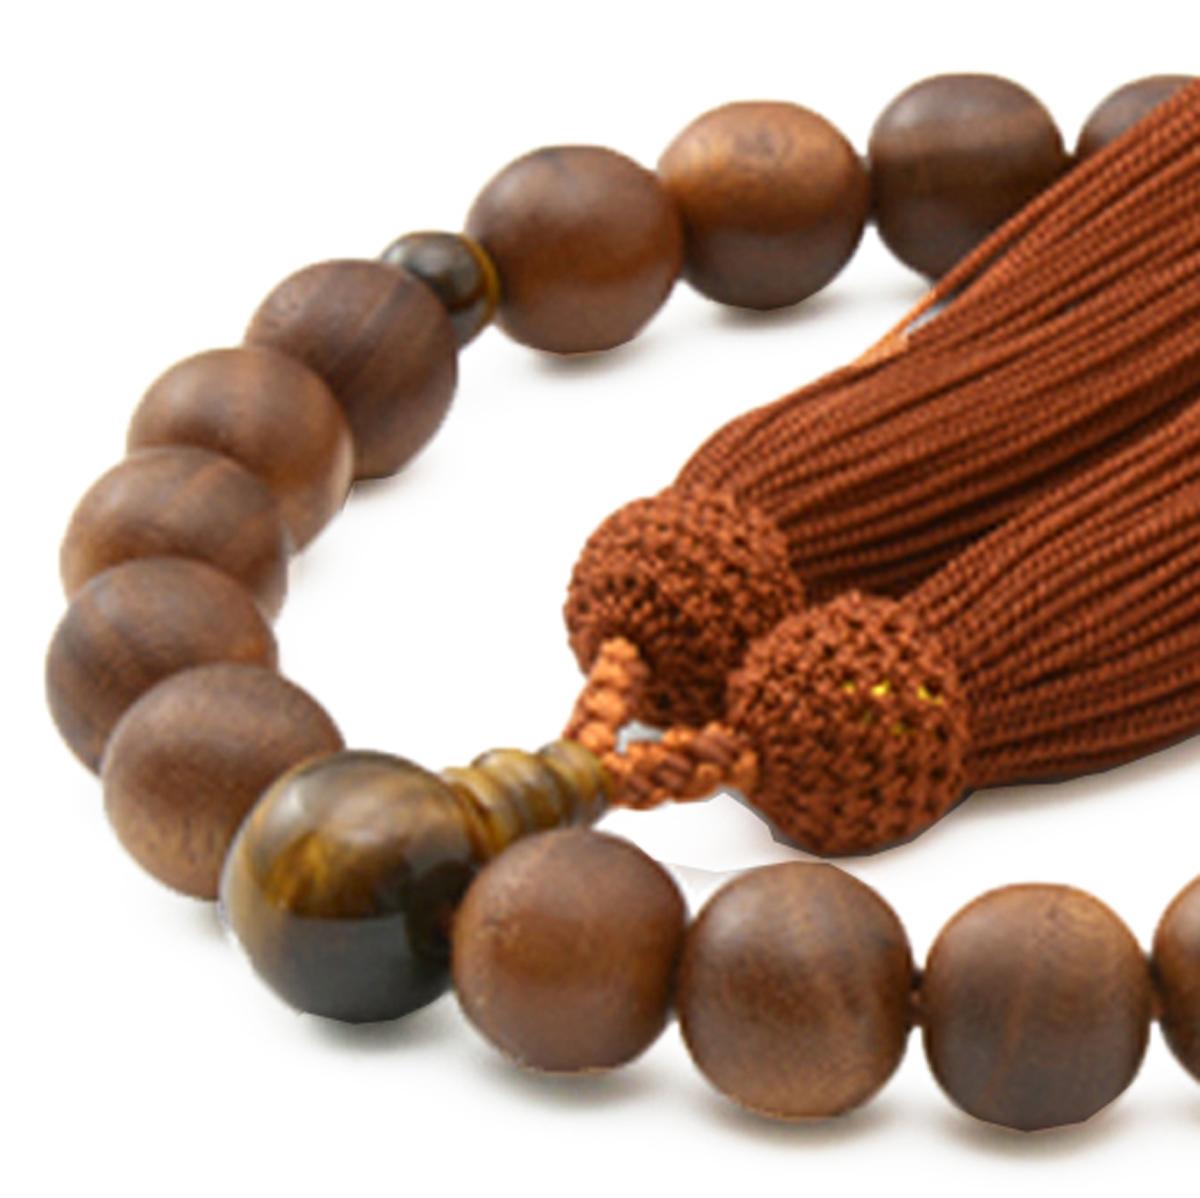 男性用 片手数珠 素引 本桑22玉 虎眼石 正松房 日本製